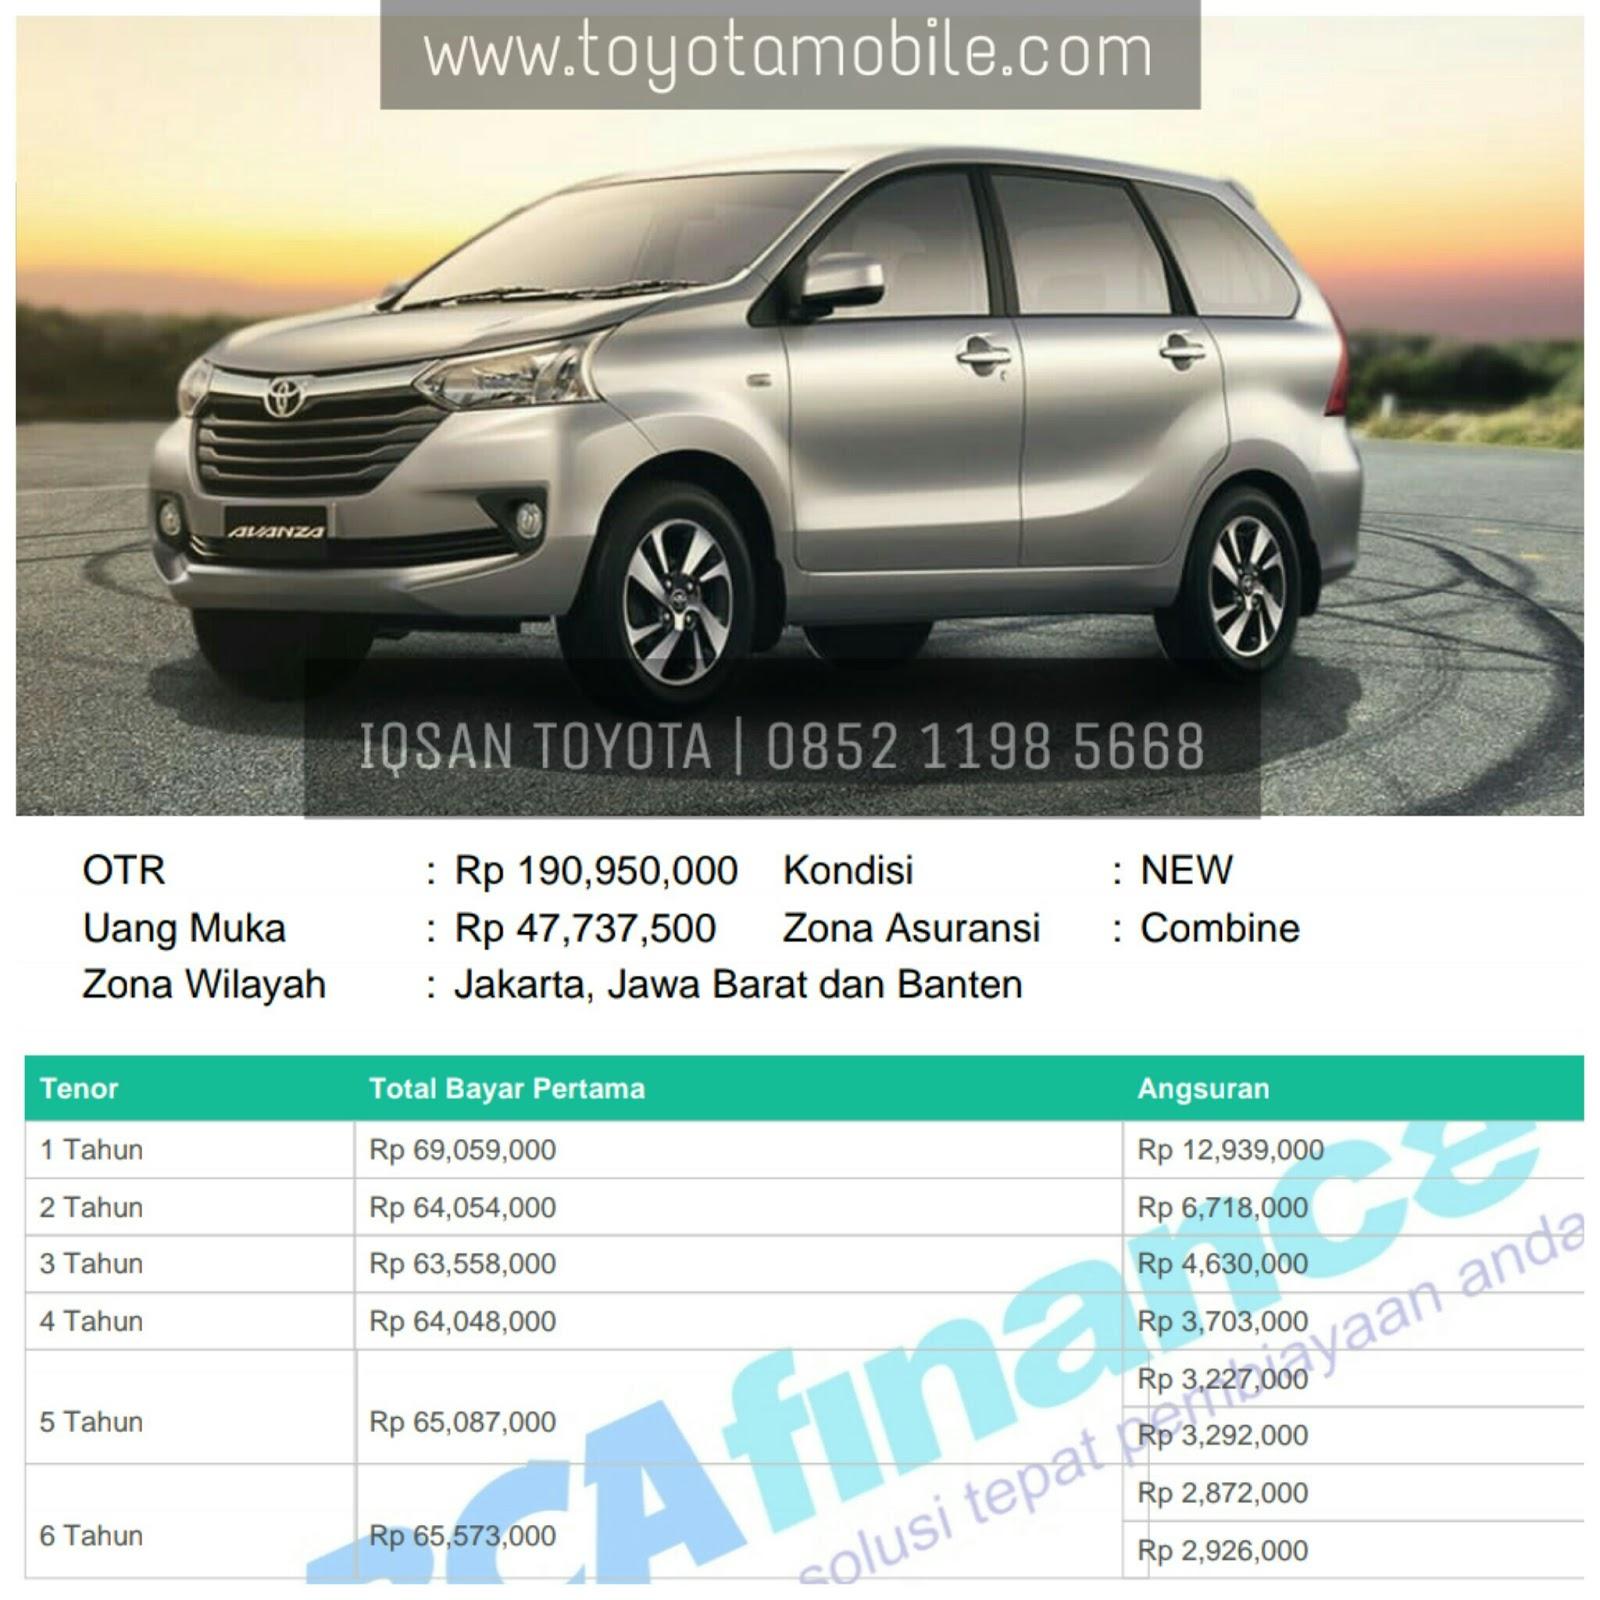 Cover Grill Grand New Avanza Vs All Promo Toyota Tangerang 2018